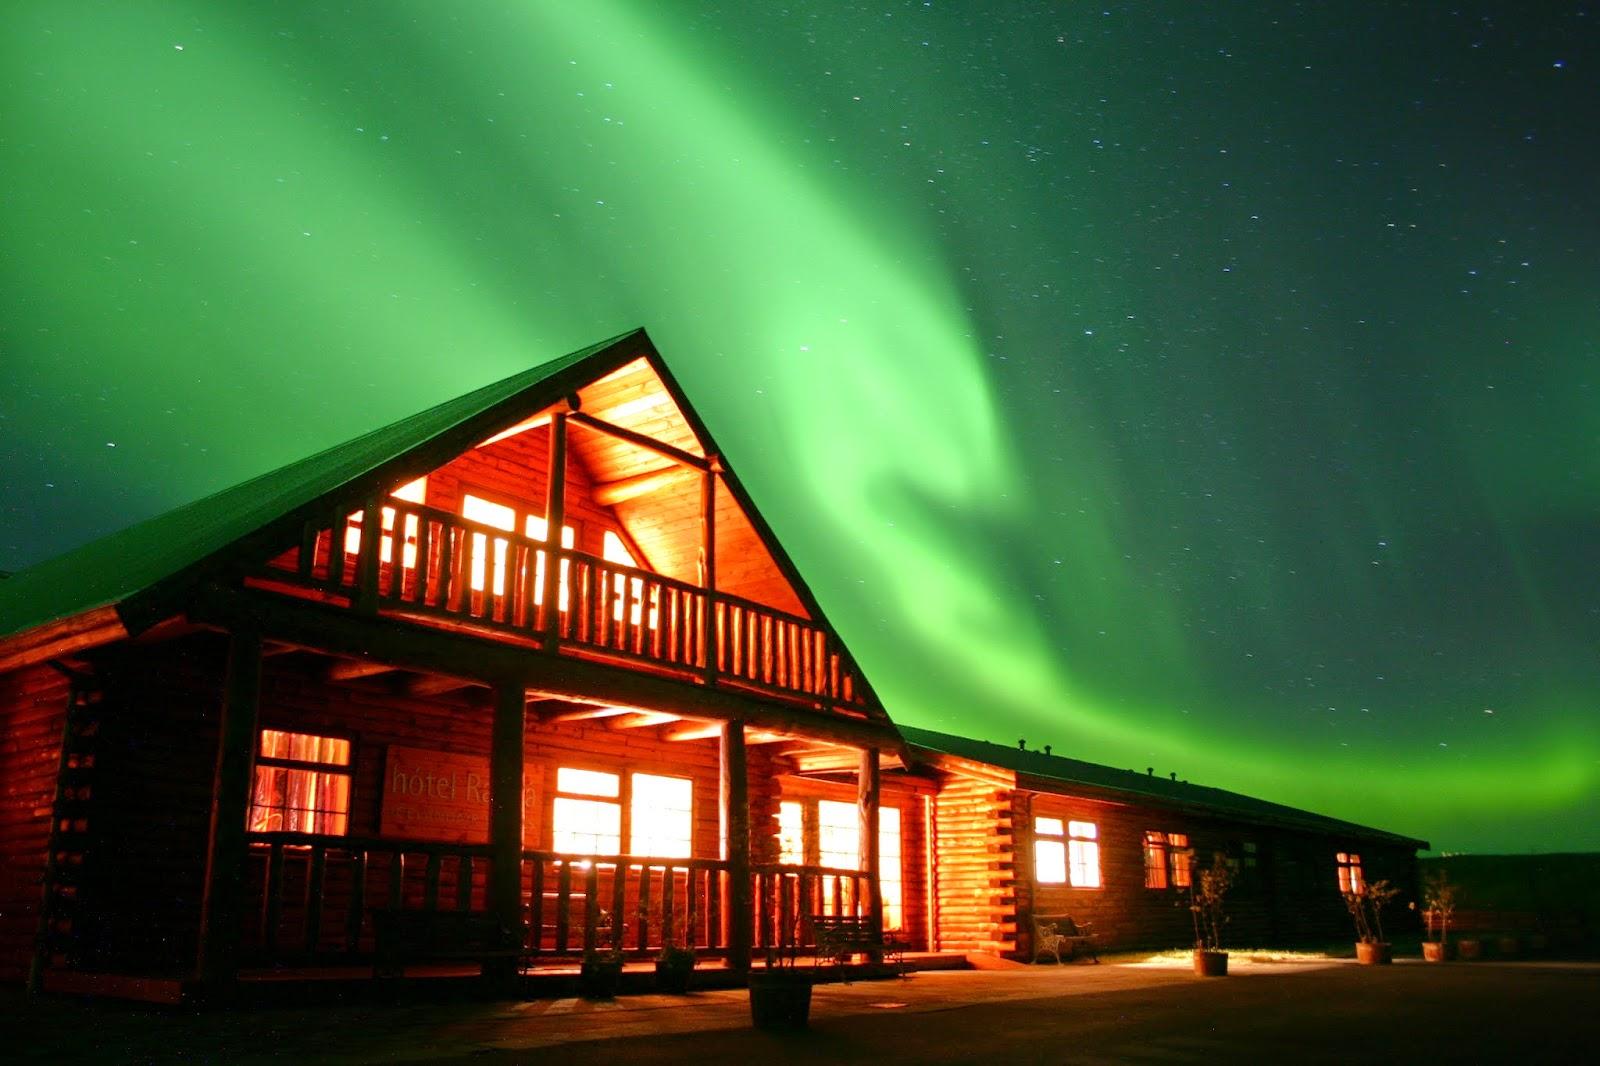 Hôtels romantiques en Islande : Lune de miel en Islande